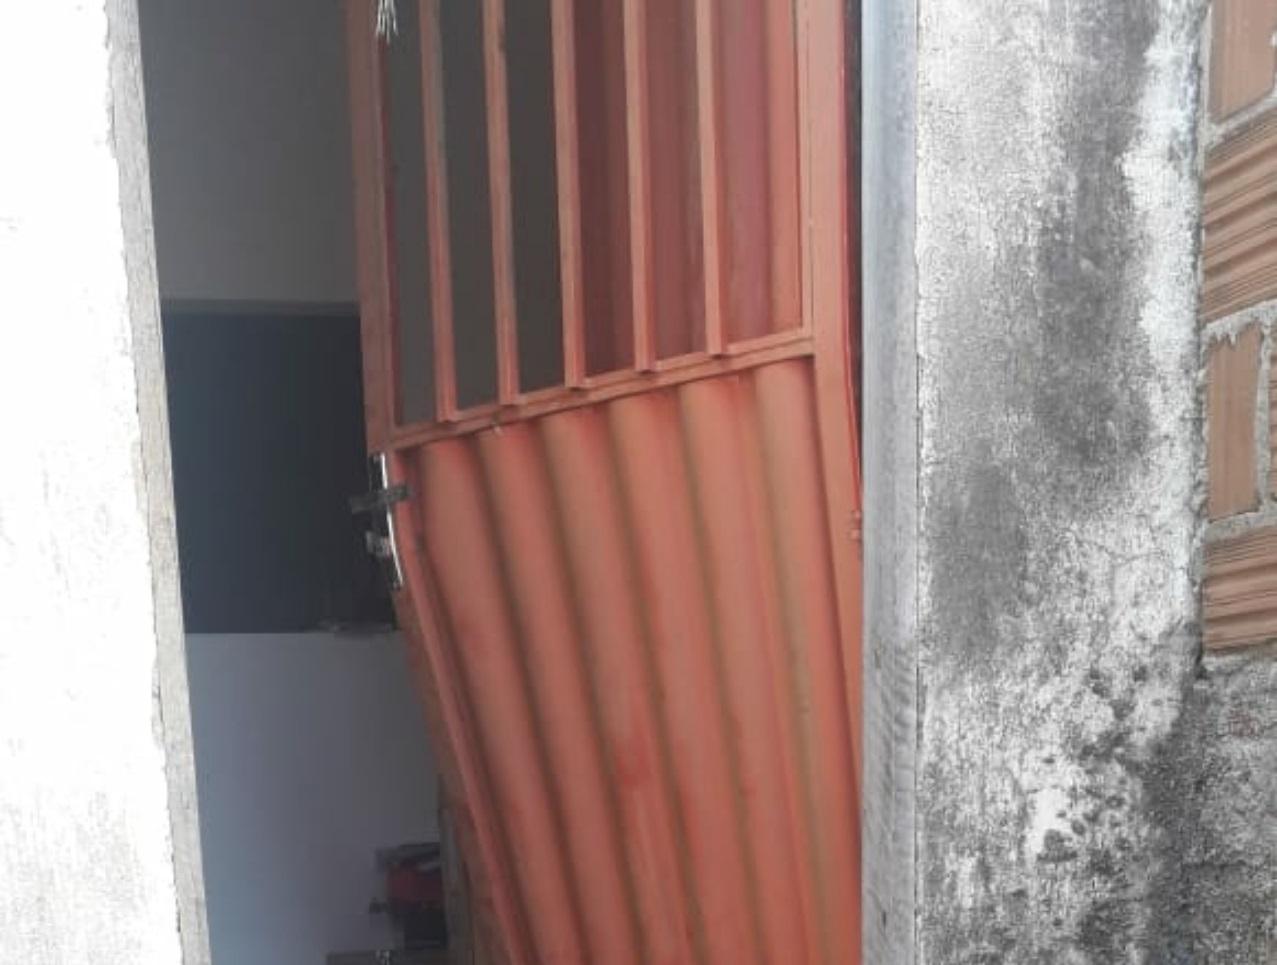 Estabelecimento comercial é arrombado e furtado no município de Sousa durante o feriado - Diário do Sertão - Diário do Sertão